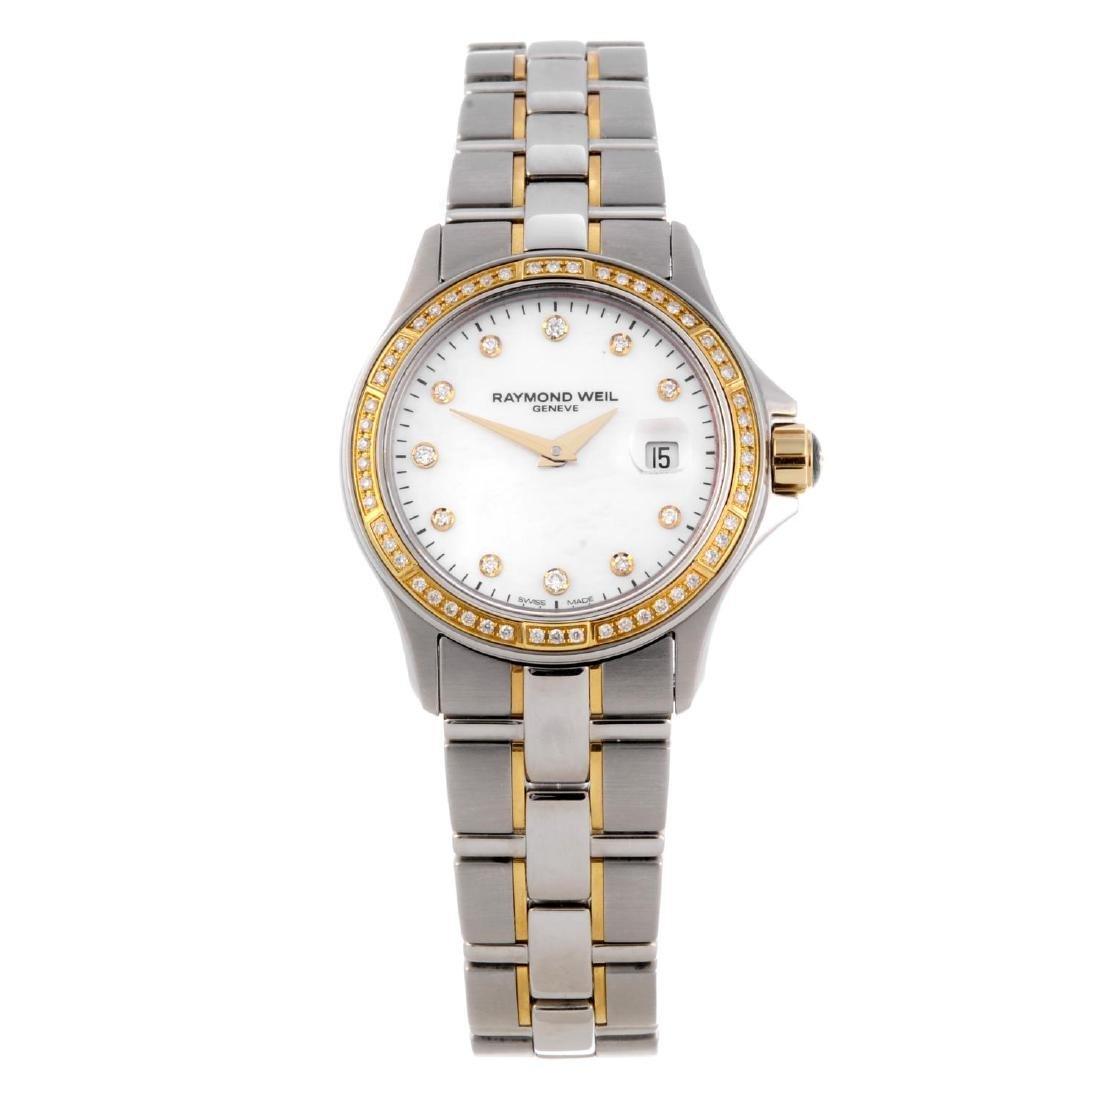 RAYMOND WEIL - a lady's Parsifal bracelet watch.